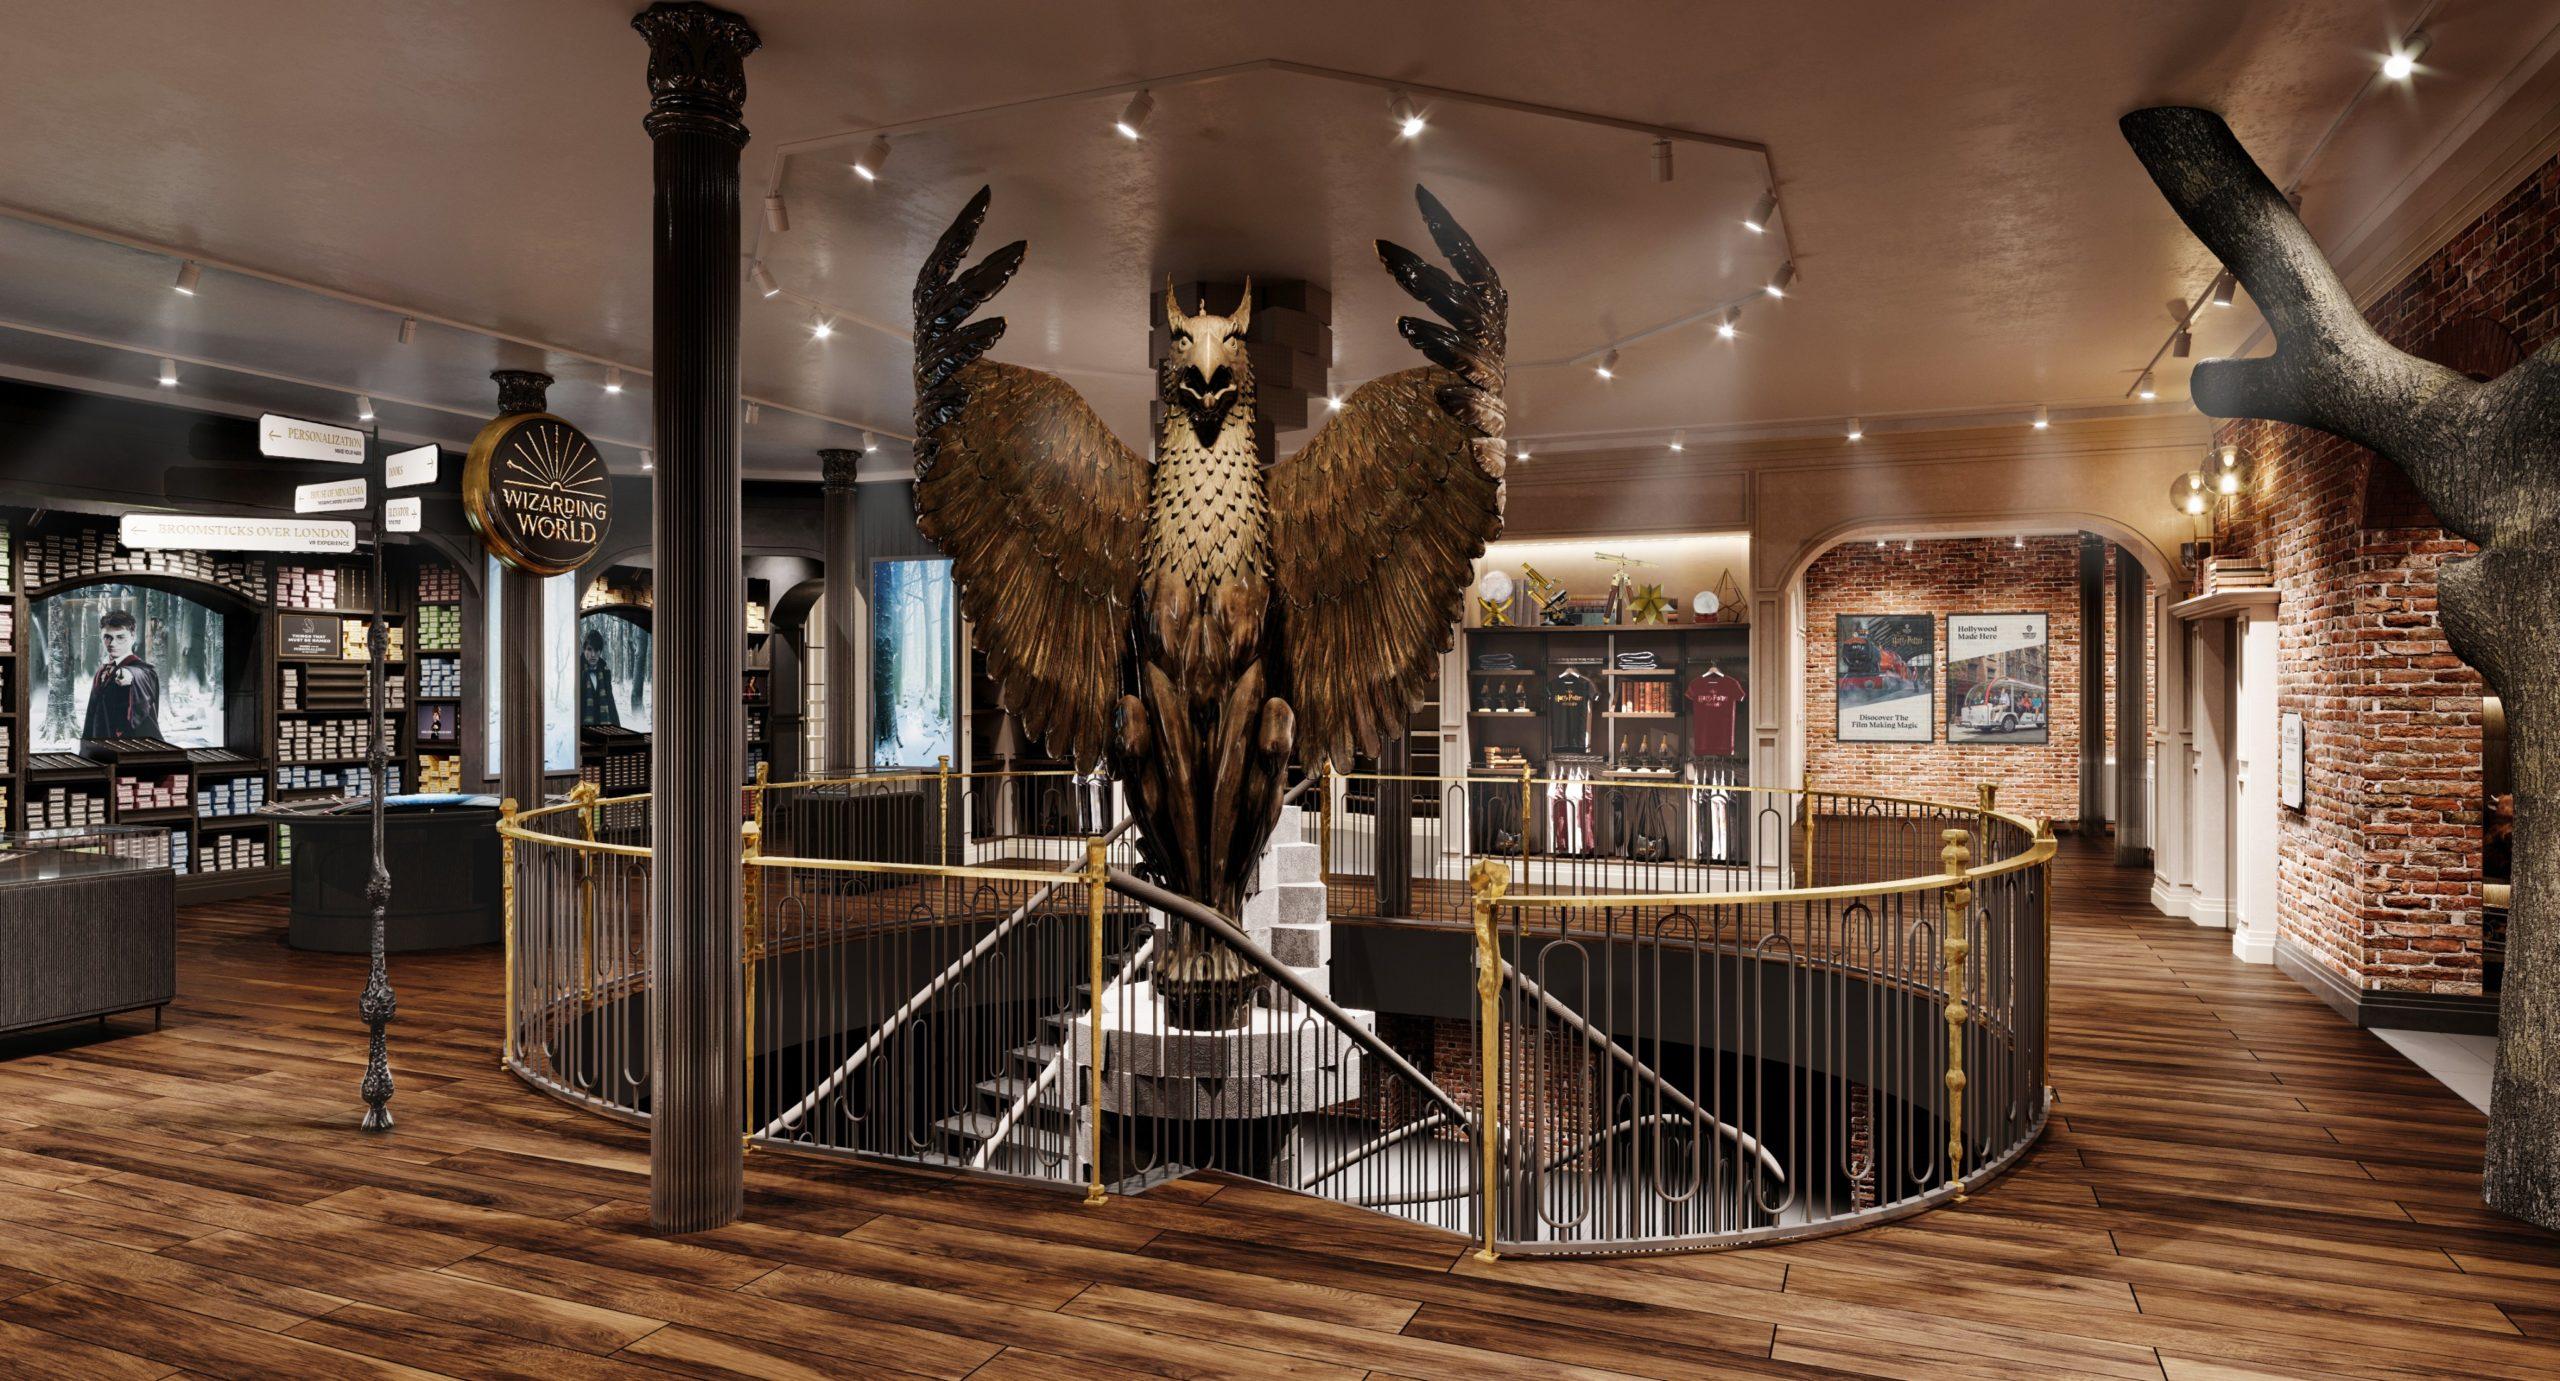 La tienda de Harry Potter más grande del mundo abre en Nueva York: ¡no te la puedes perder!